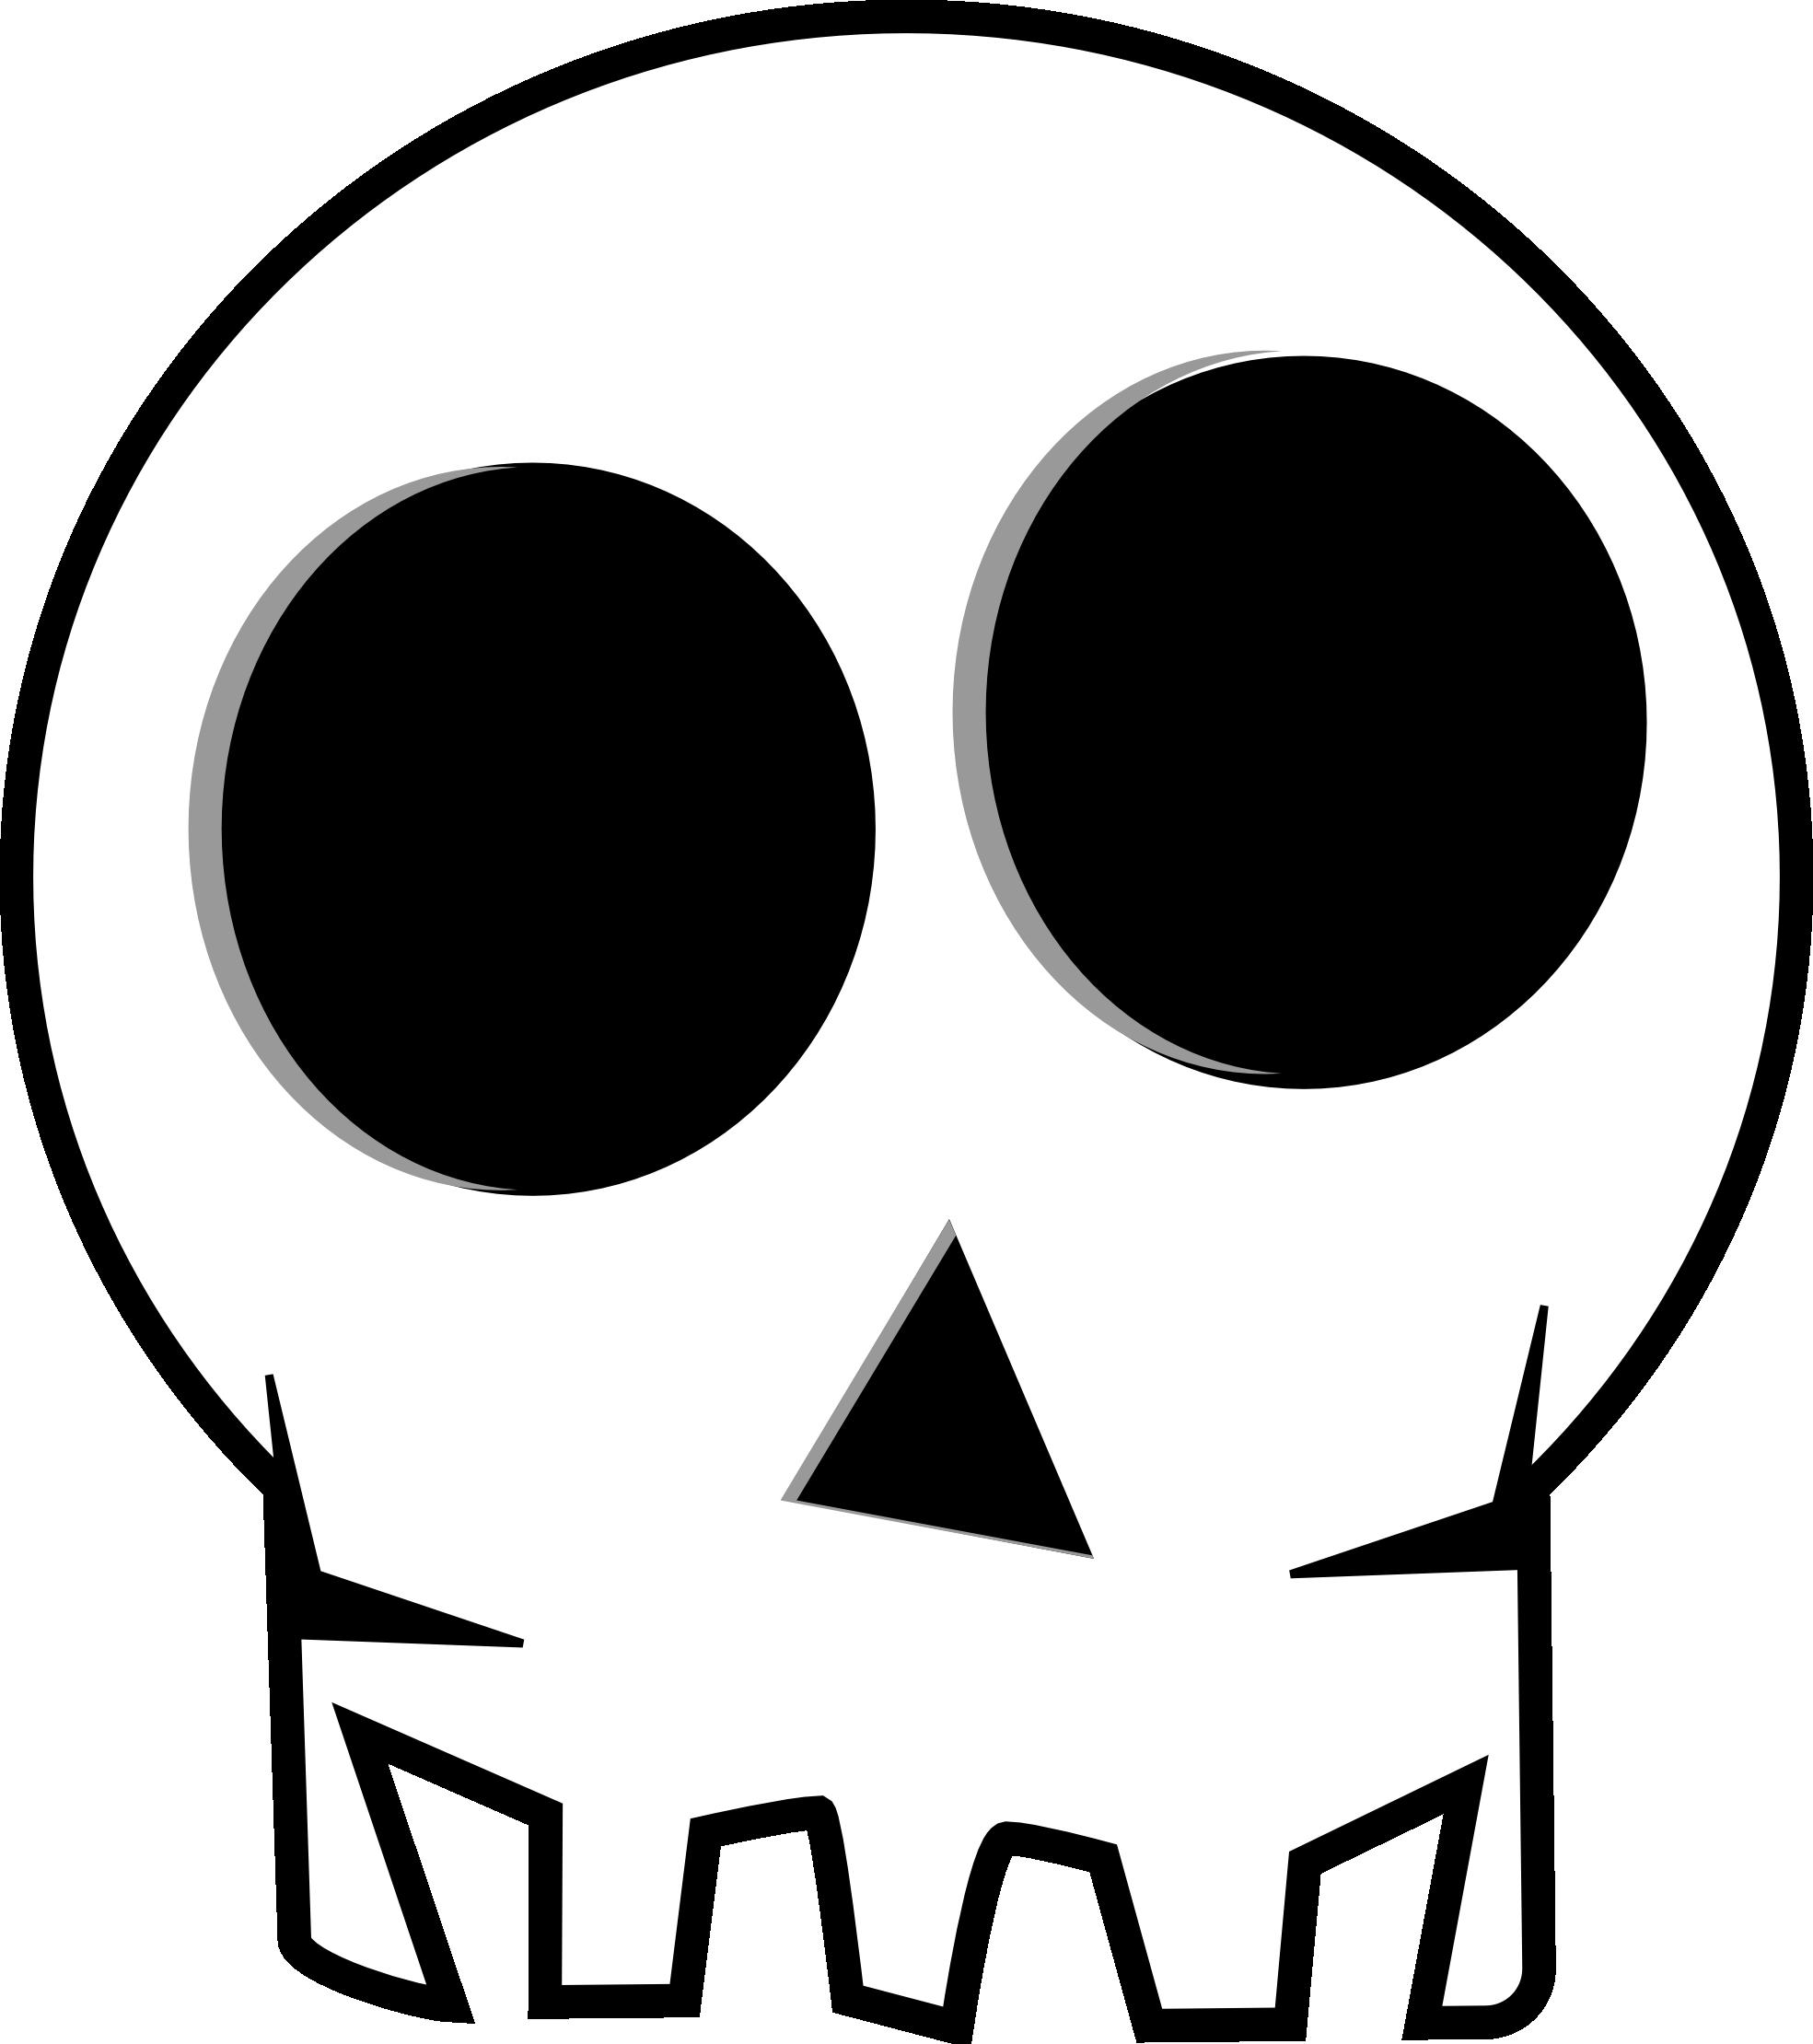 Cartoon Skull Clipart - Clipart Kid